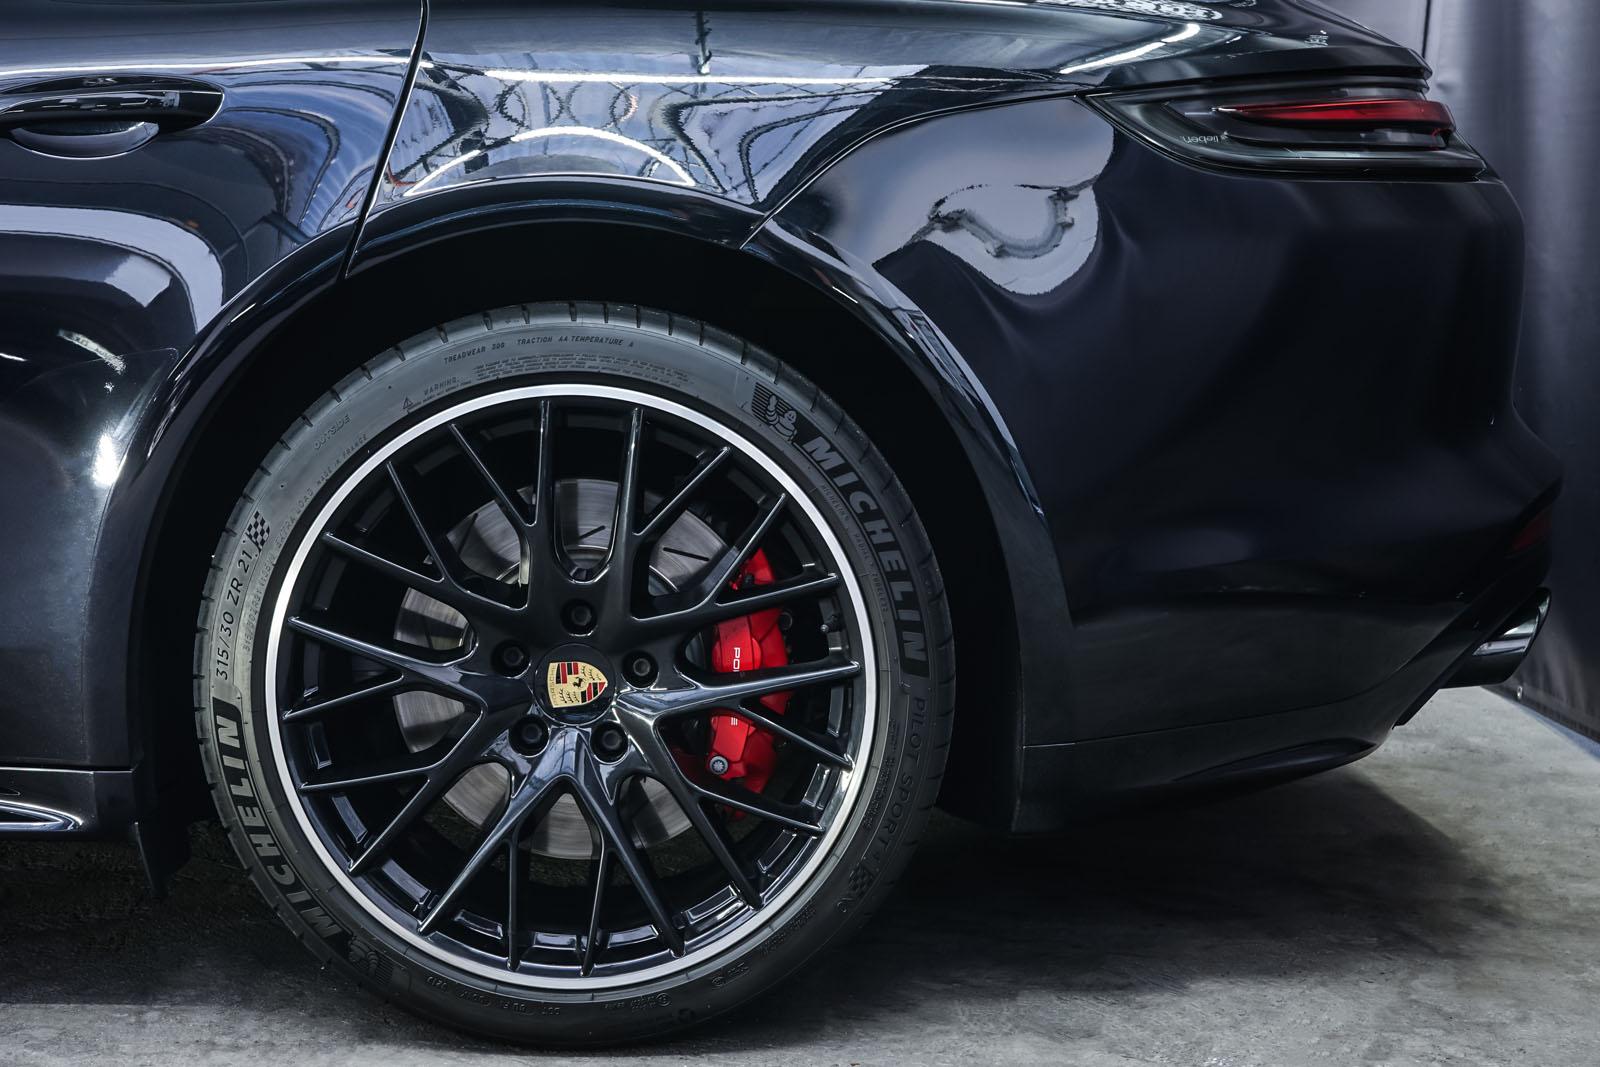 Porsche_Panamera_SportTurismo_Turbo_Schwarz_Schwarz_POR-5145_4_w